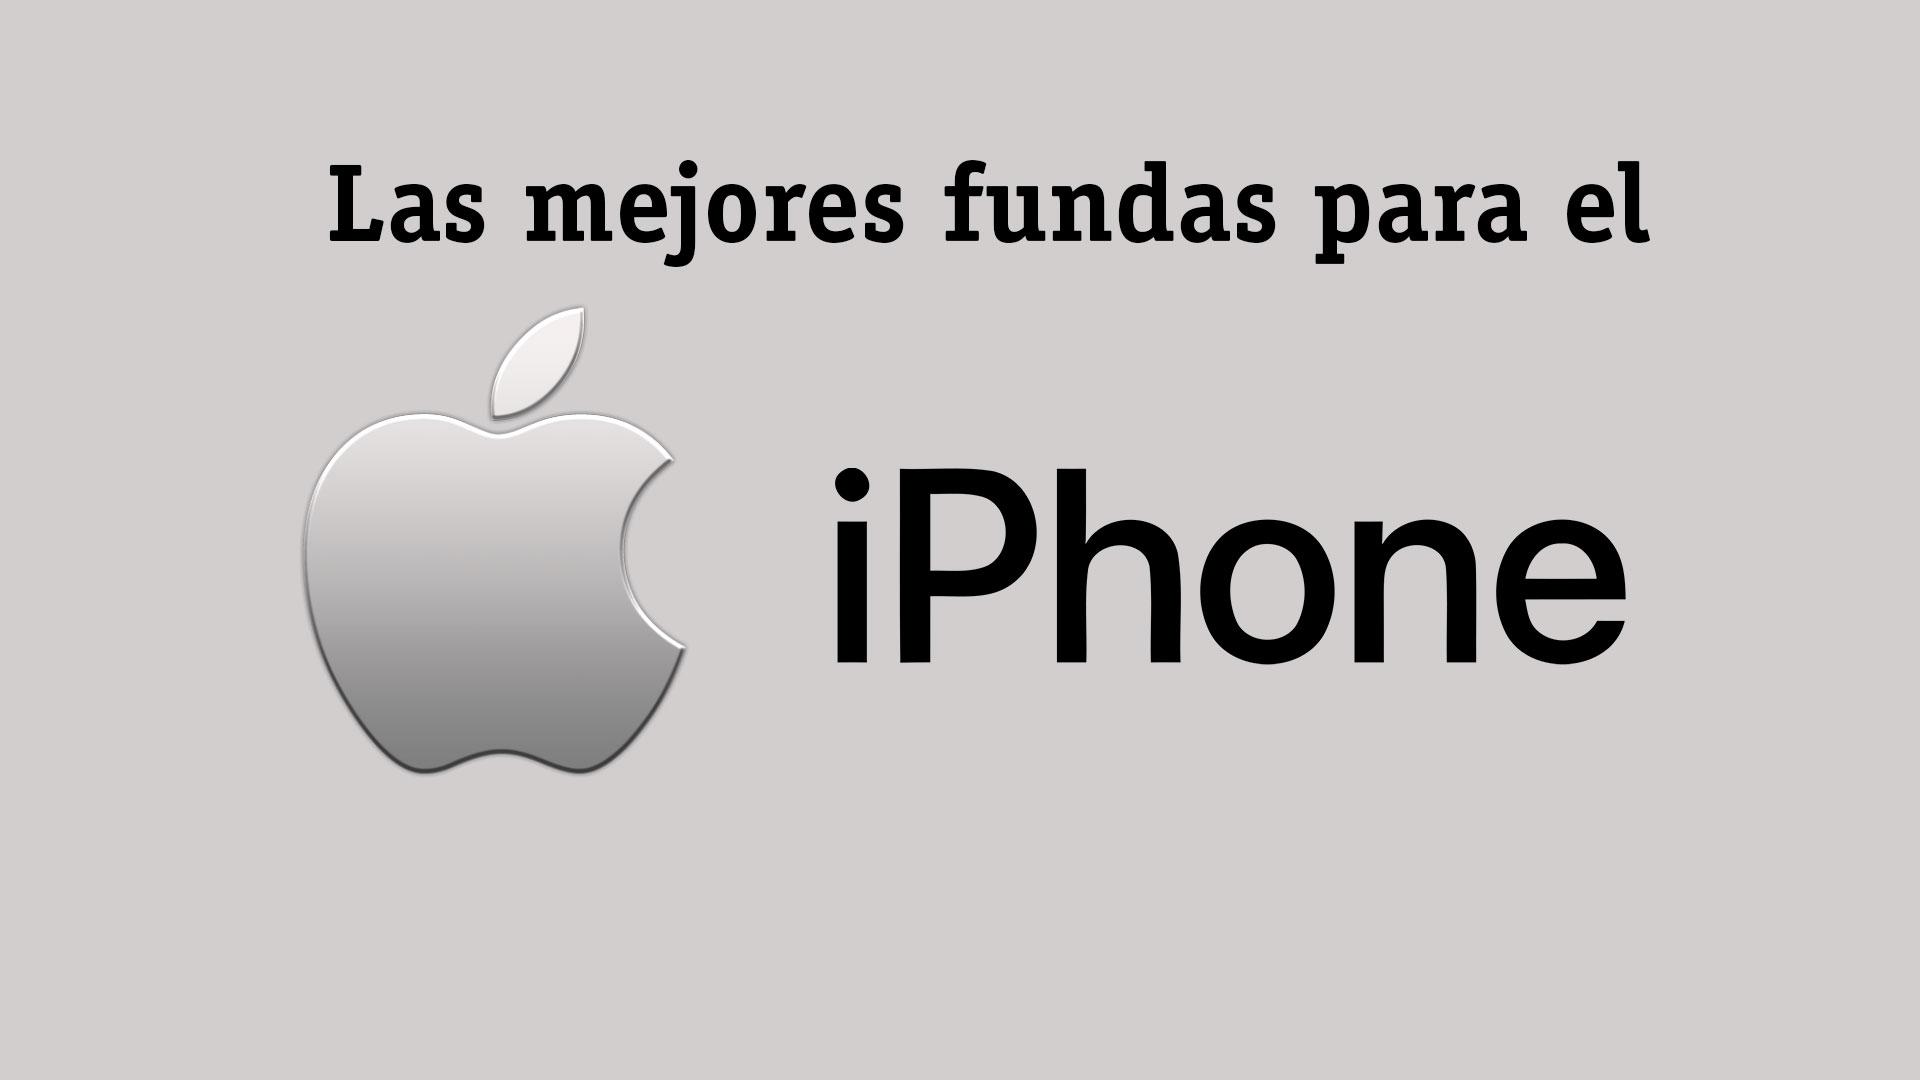 OrLine Funda Piel Apple iPhone 5/5S se Funda Cintur/ón Funda Funda de Piel Funda r/ígida Case Cover Piel Carcasa Mano Trabajo con Pinza